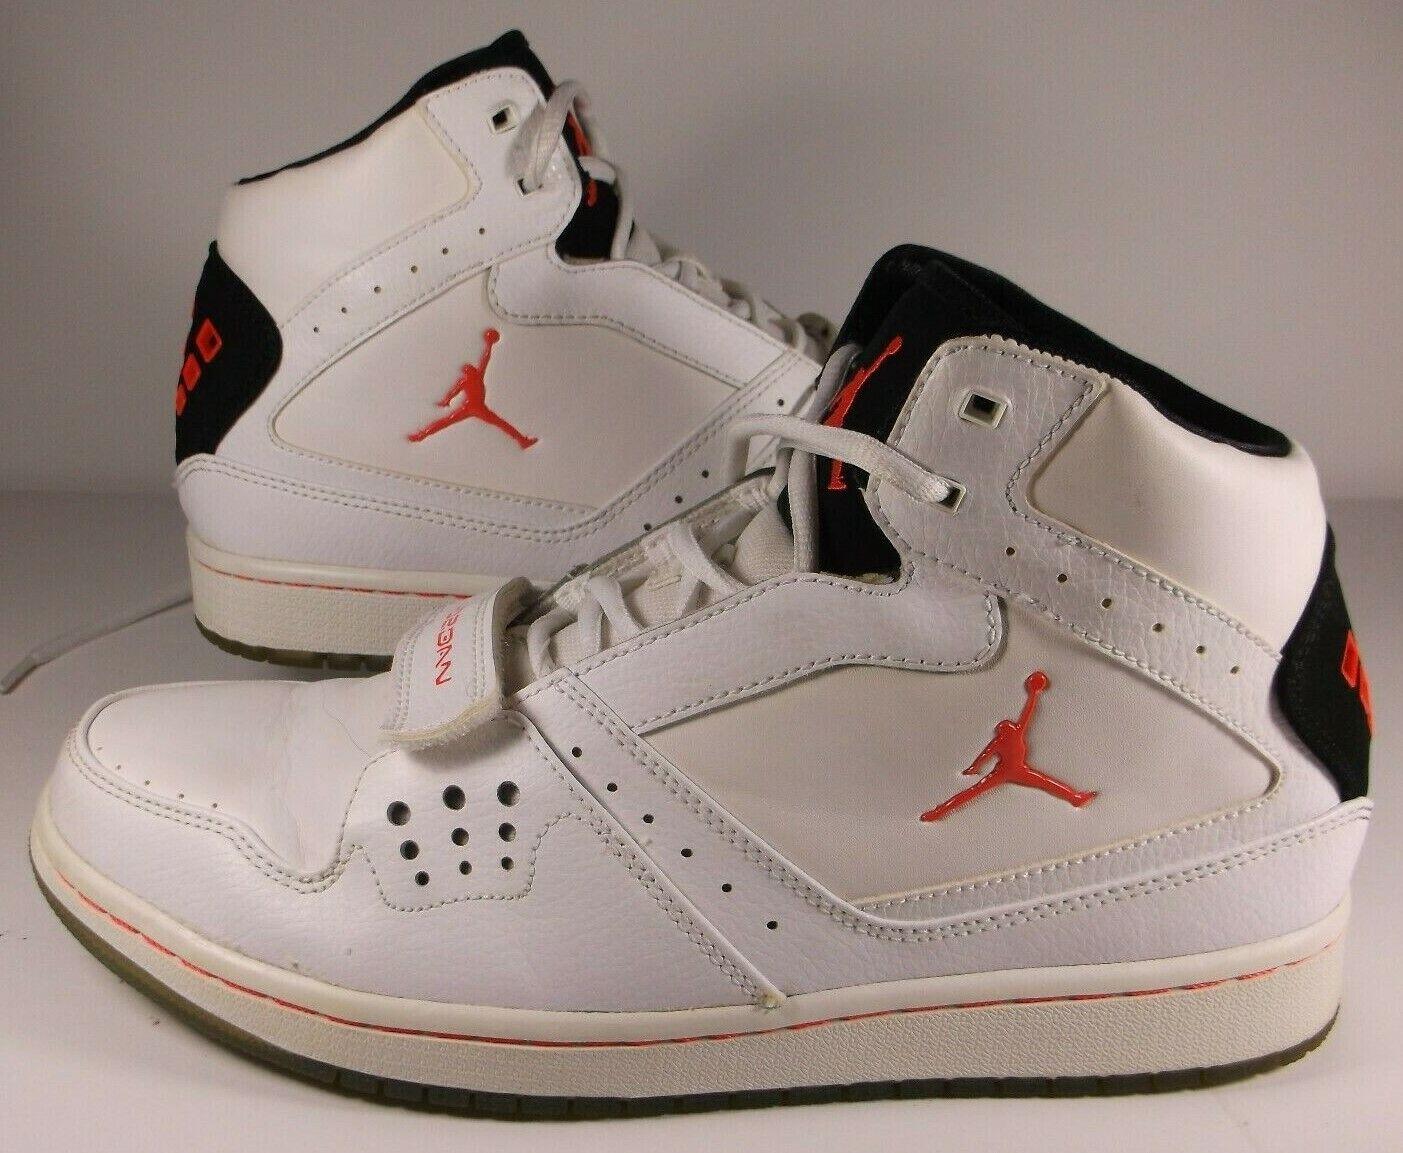 Nike Air Jordan 1 Flight Strap 23 Hi Tops Retro 628584-123 Sz 9.5